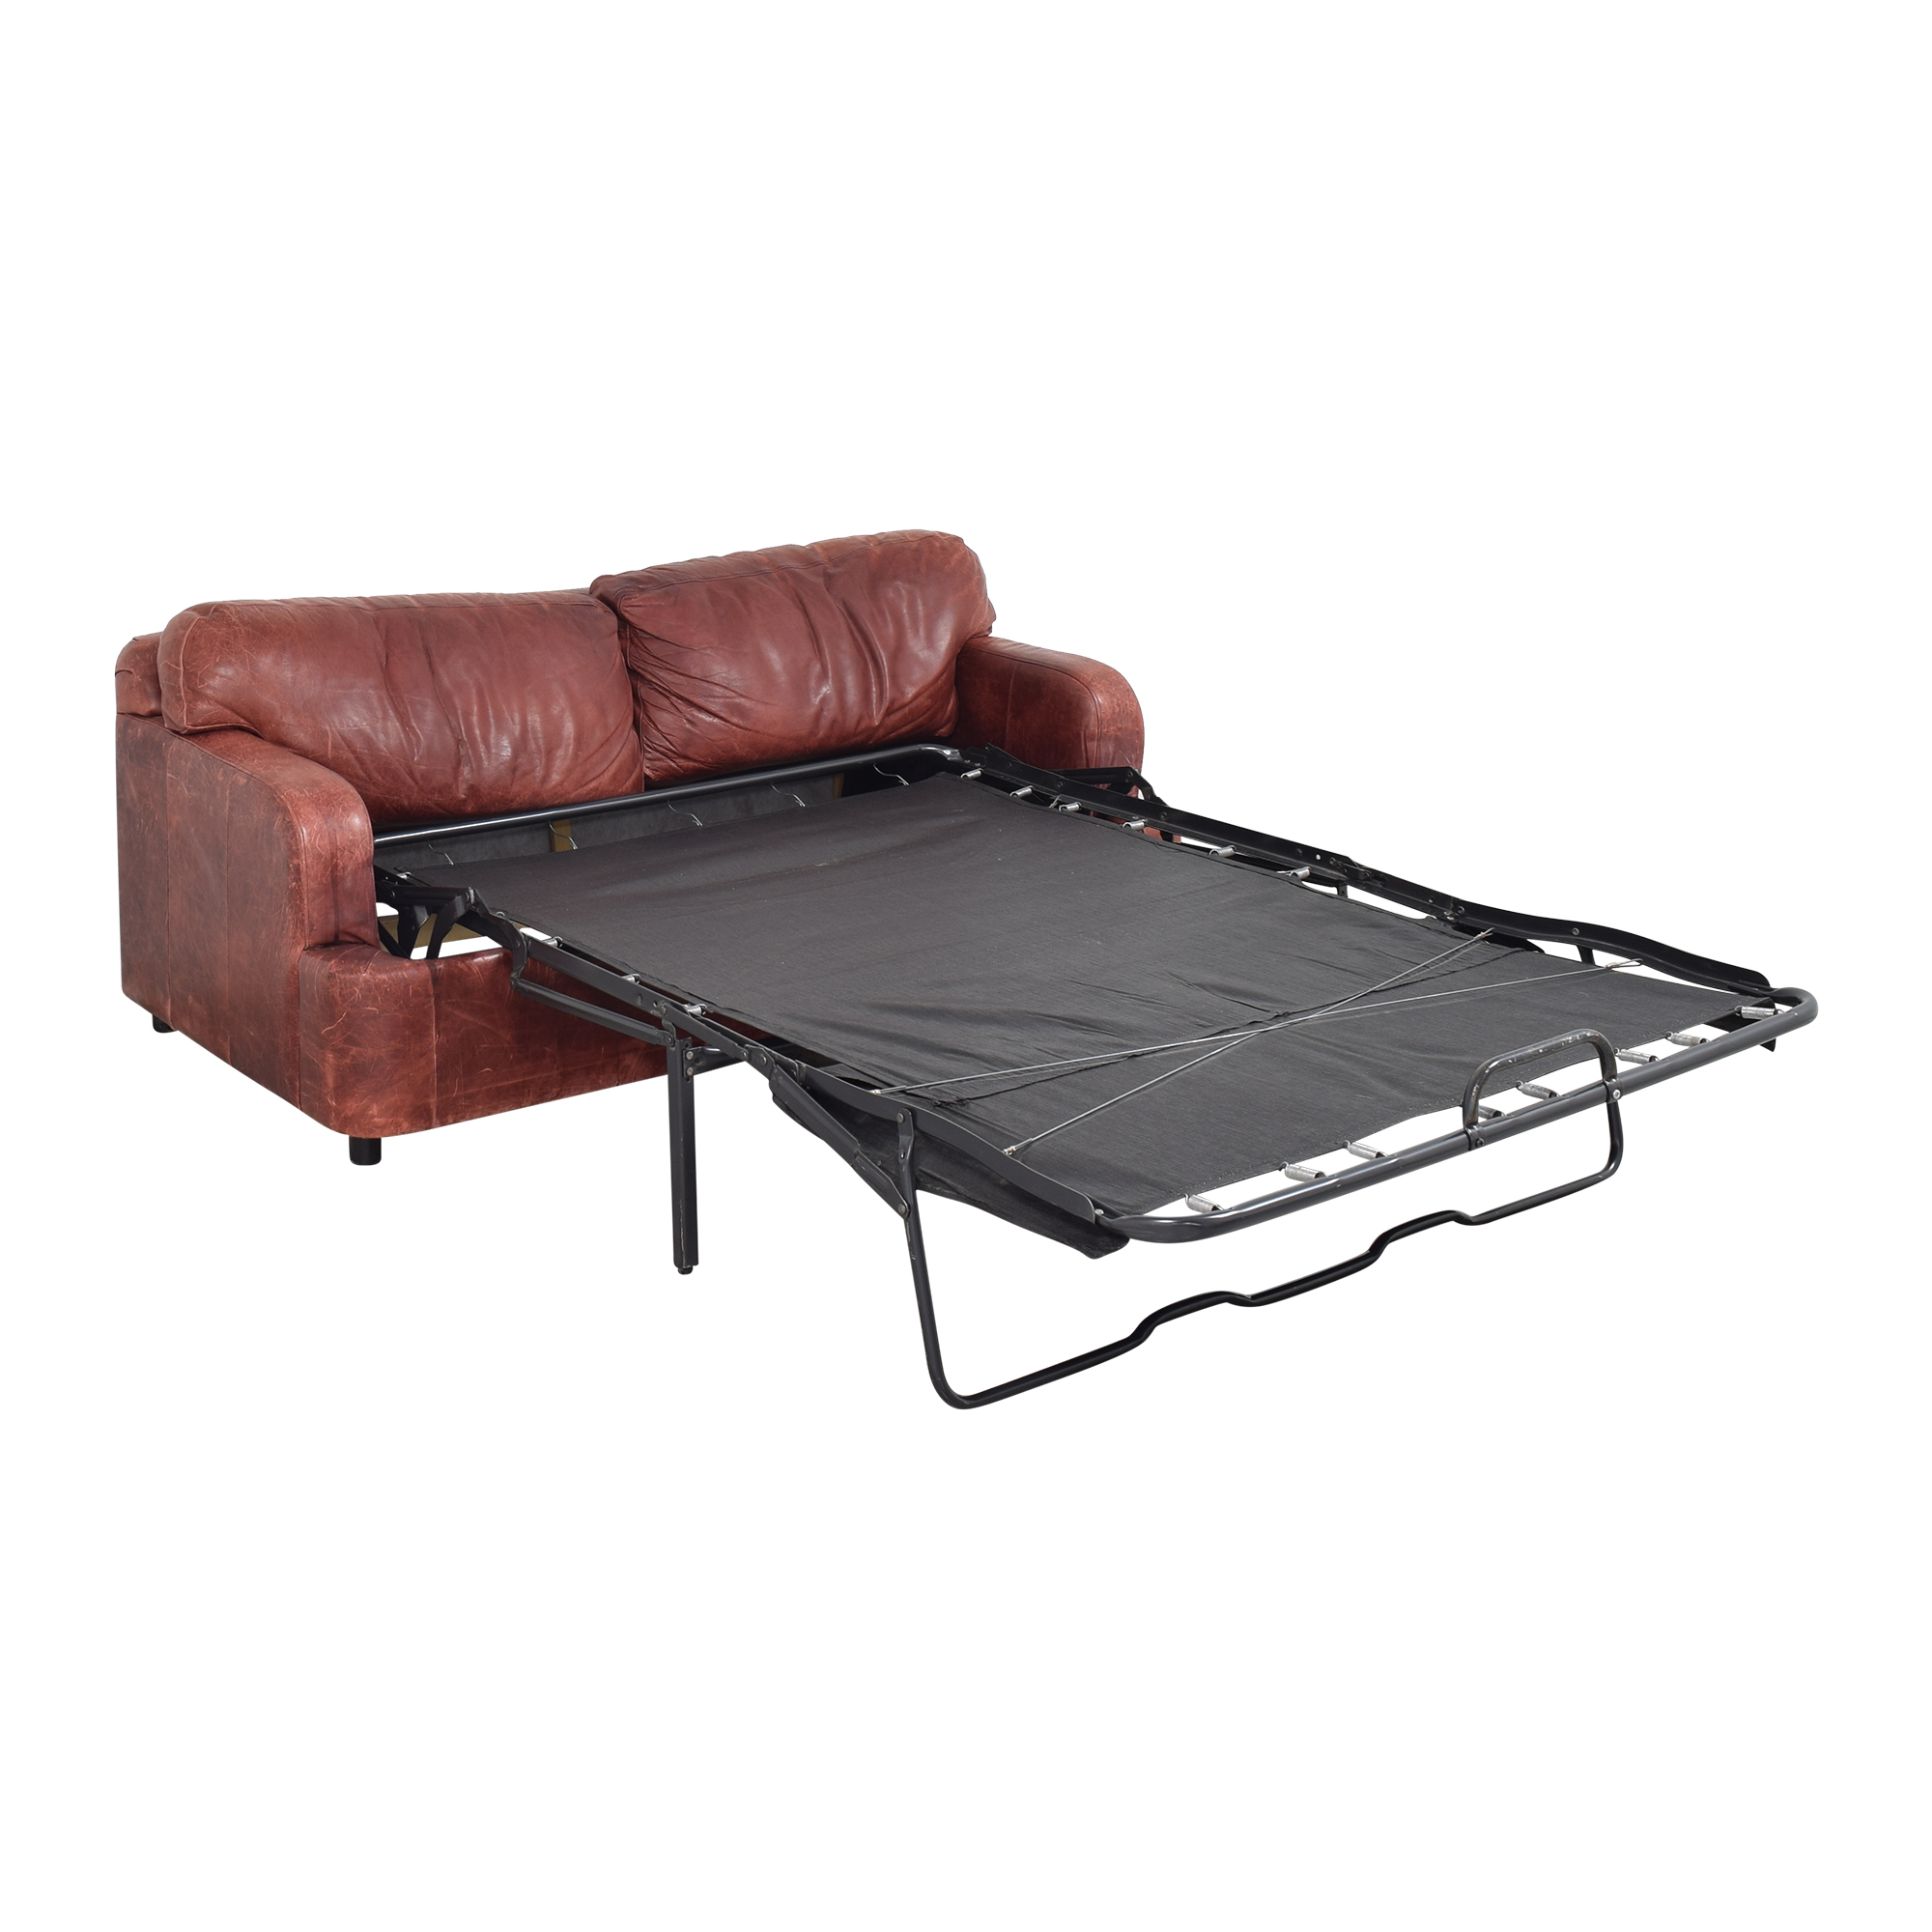 Leather Sleeper Sofa used